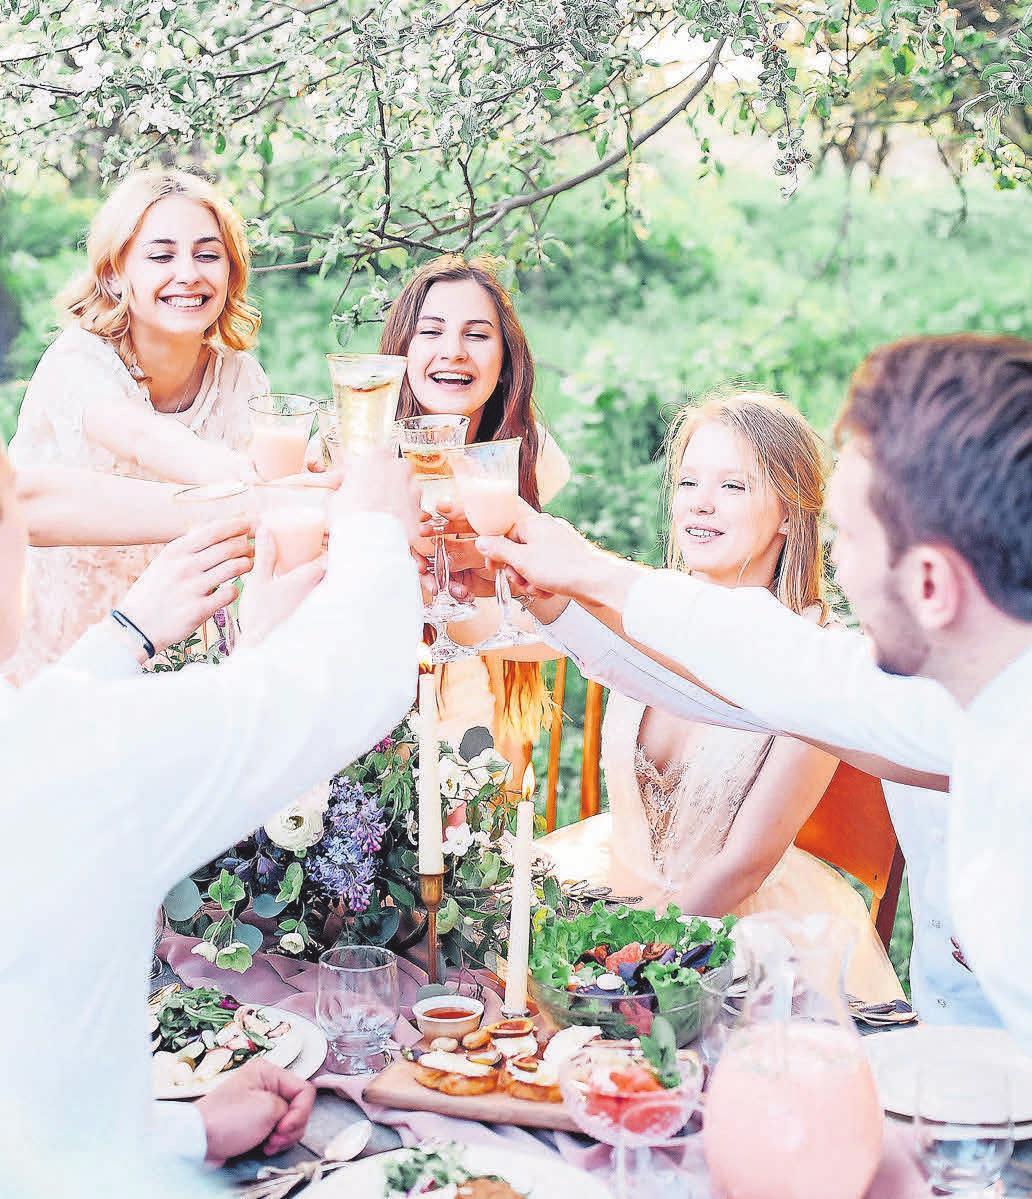 Wenn es warm ist, genießen viele ihre Zeit am liebsten mit Freunden und der Familie. Foto: Pixabay